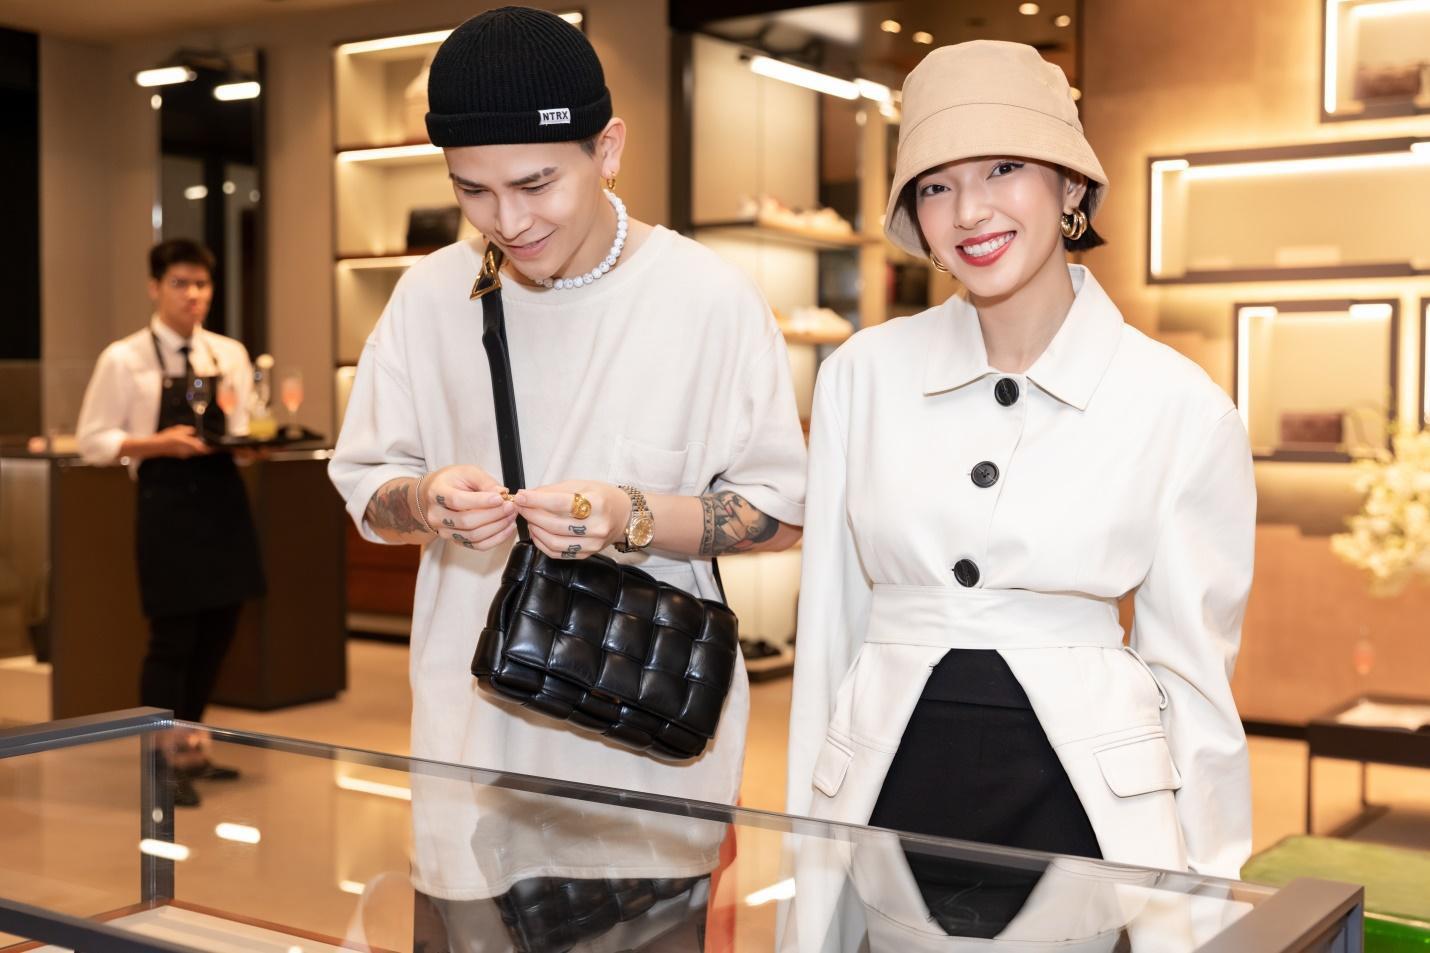 Bottega Veneta ra mắt BST mới: Dàn sao Việt yêu thời trang tụ hội, cùng khoe cá tính - Ảnh 4.